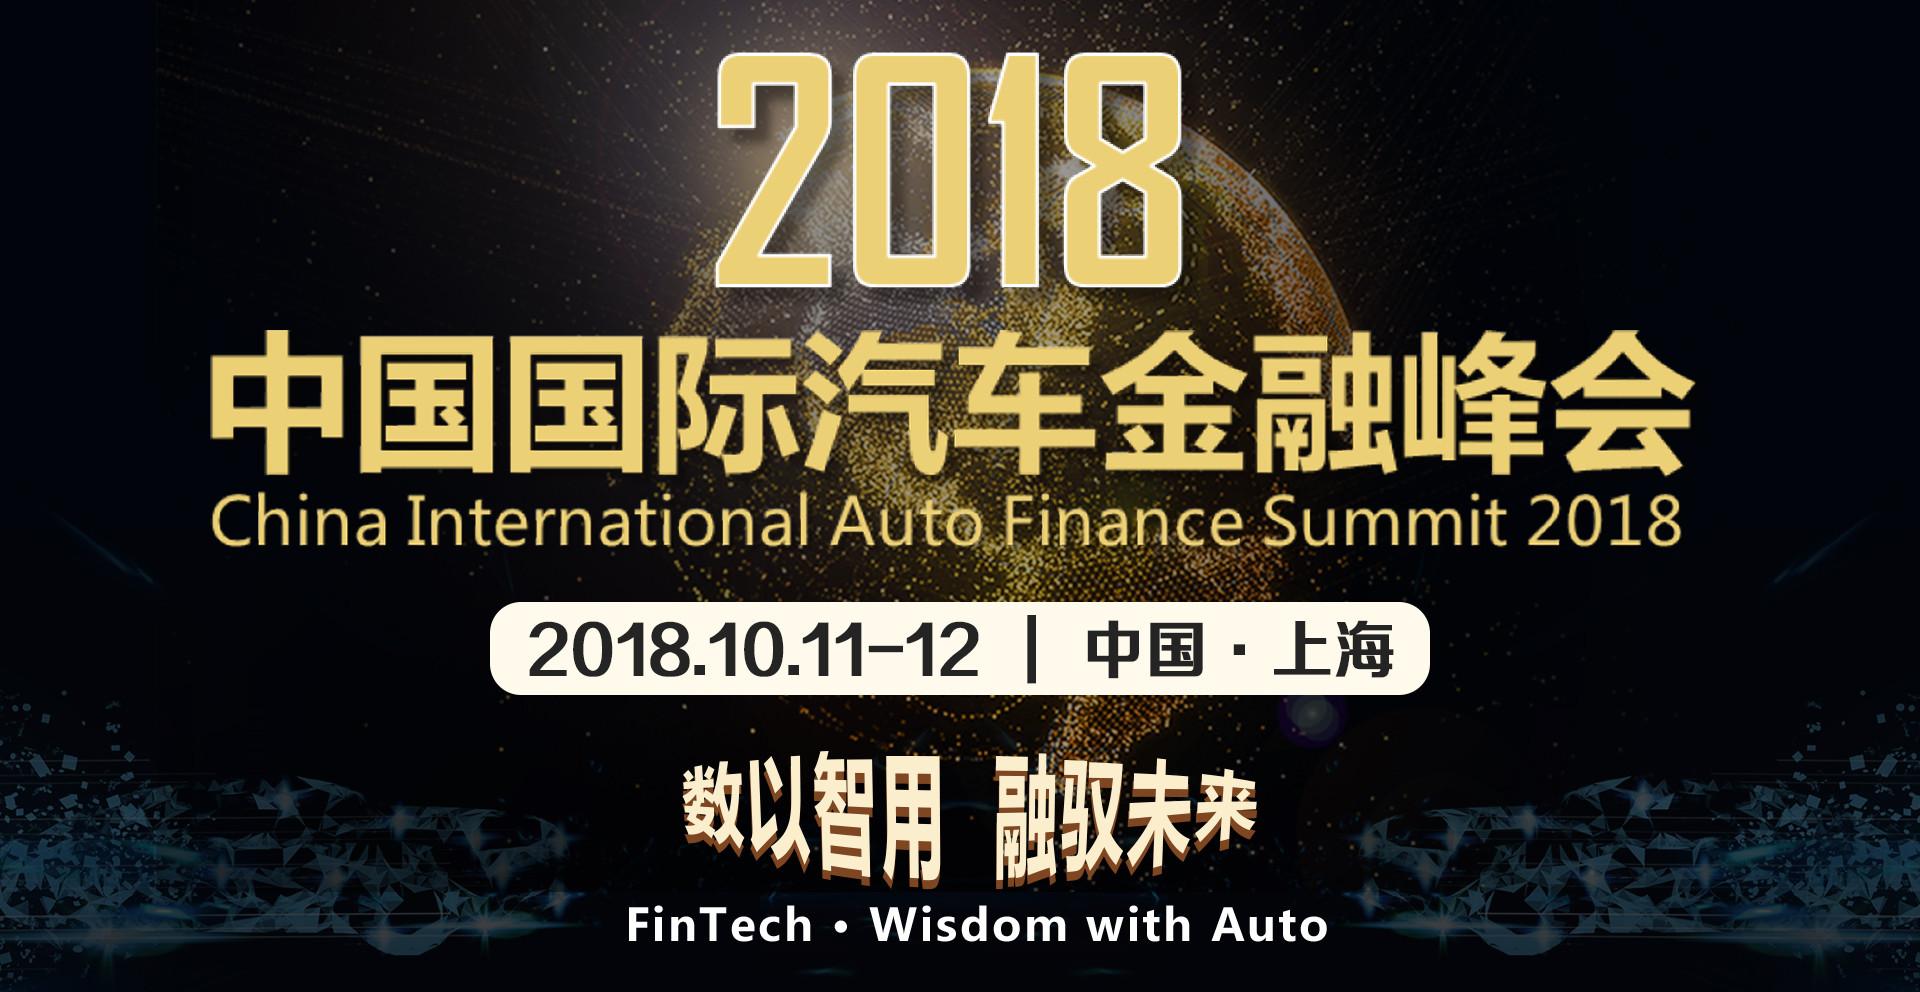 2018汽车金融峰会